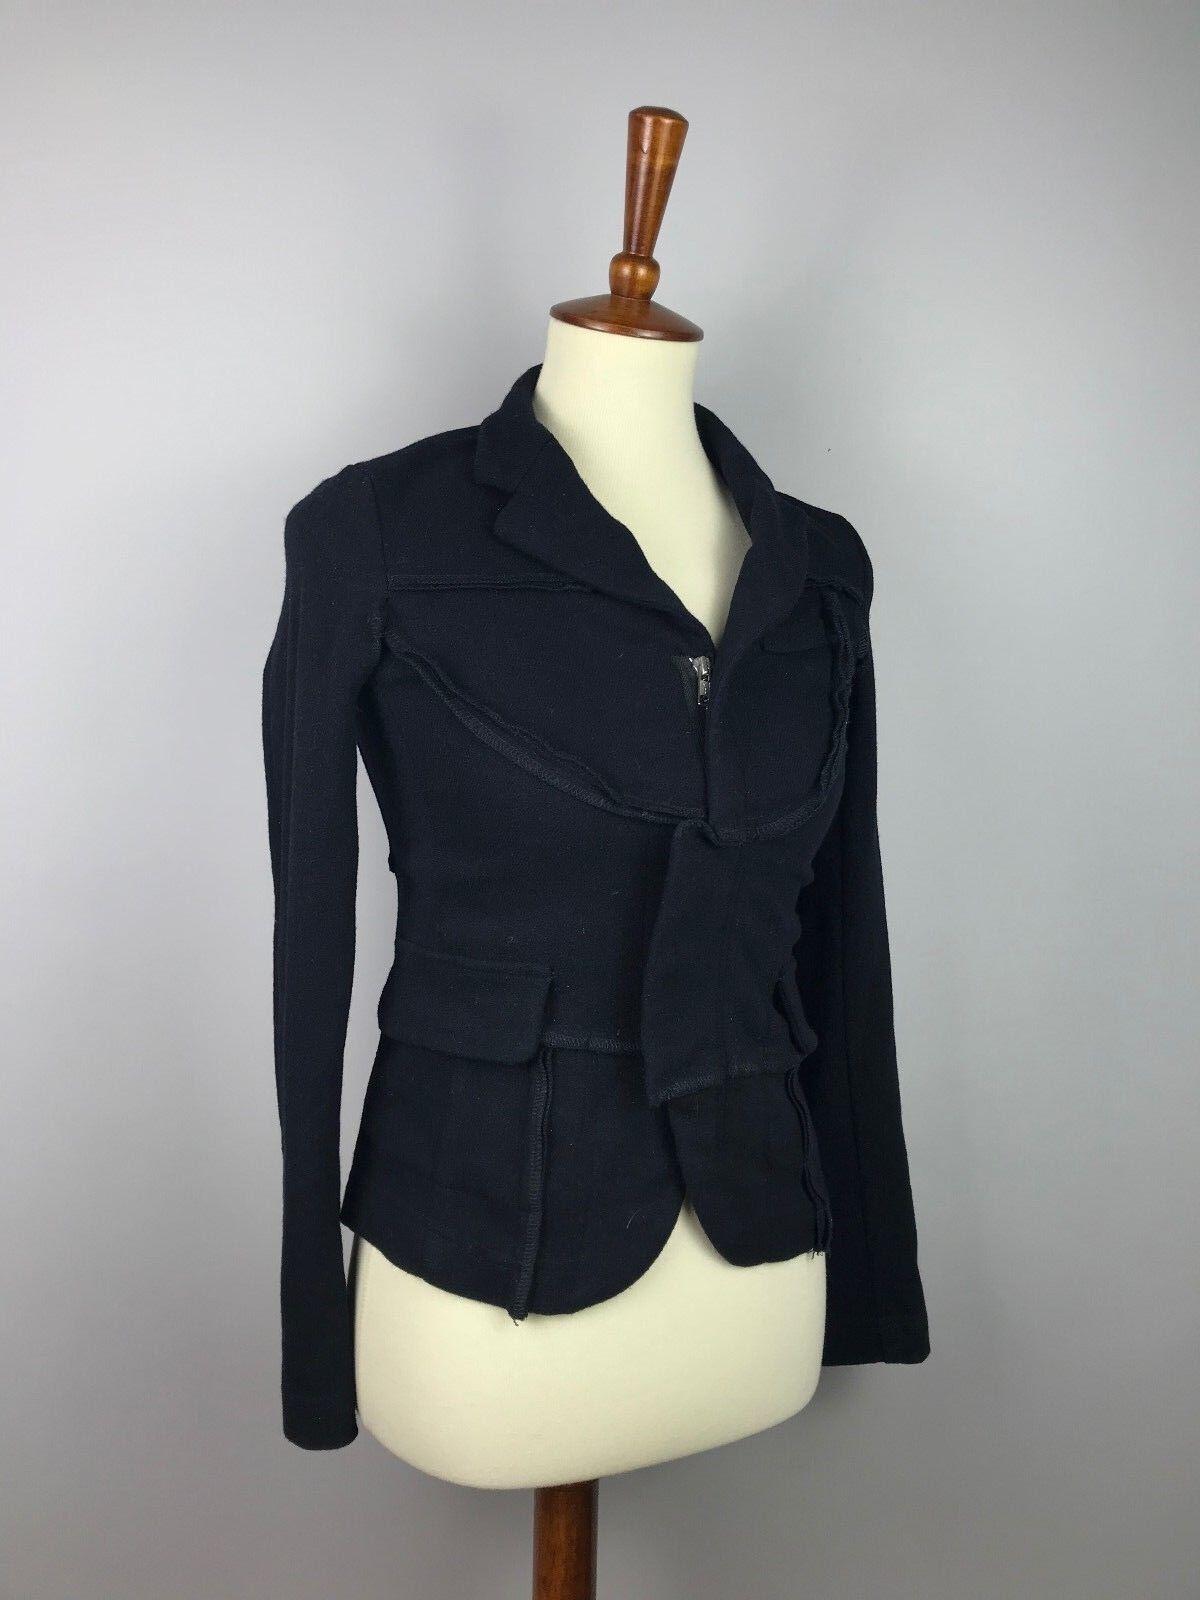 COMME  DES GARCONS X H&M para Mujeres Lana Chaqueta Negra US6 como XS-S Pequeño  vendiendo bien en todo el mundo